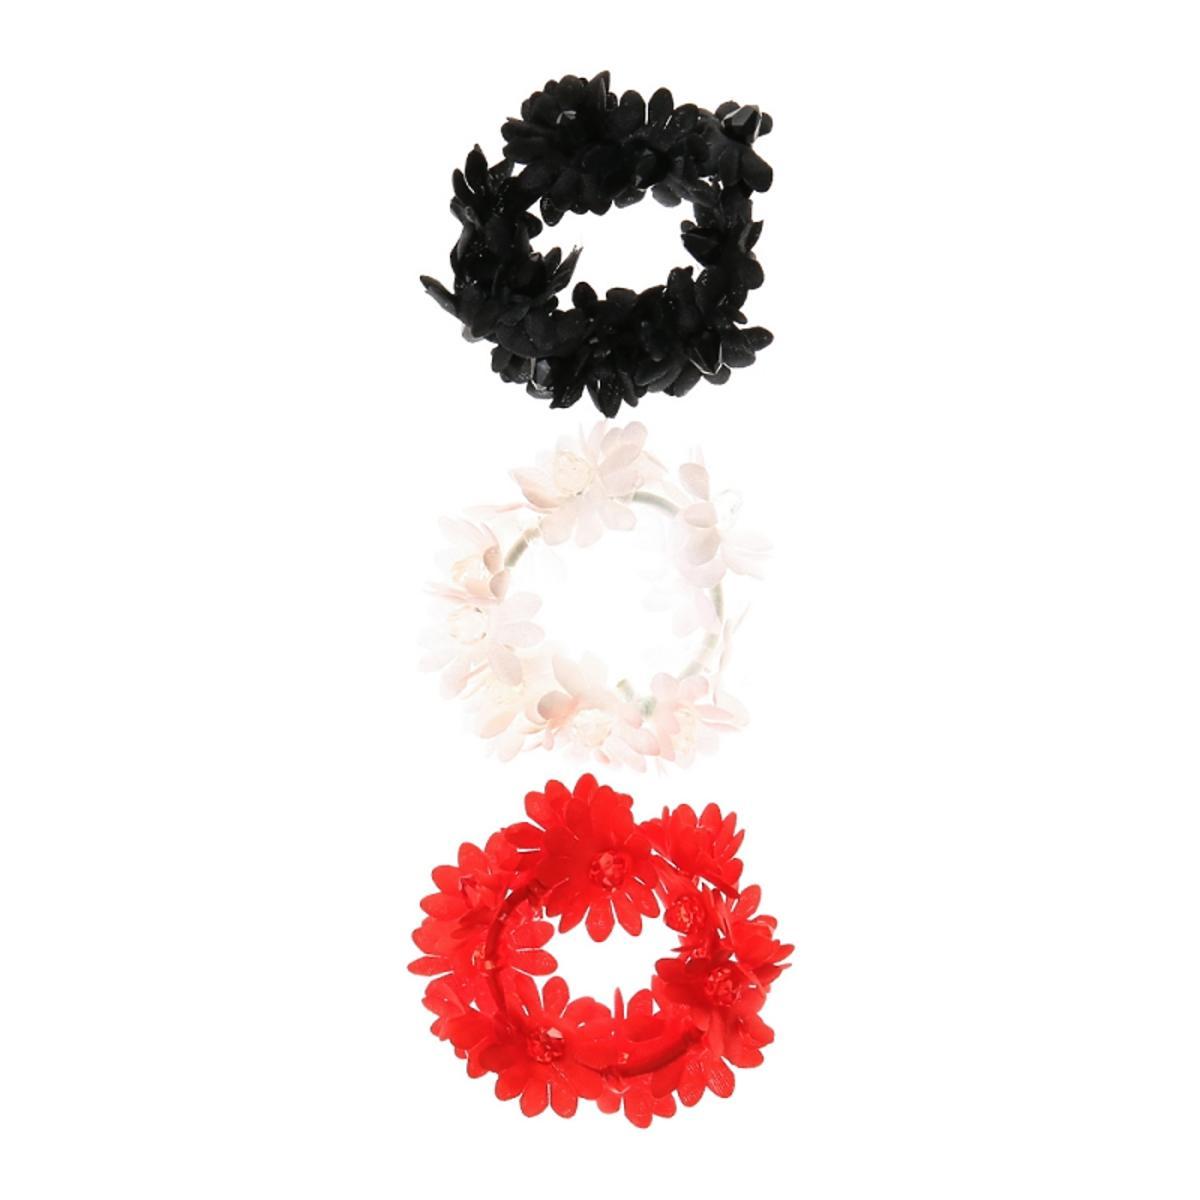 Zestaw gumek: czarna, biała i czerwona